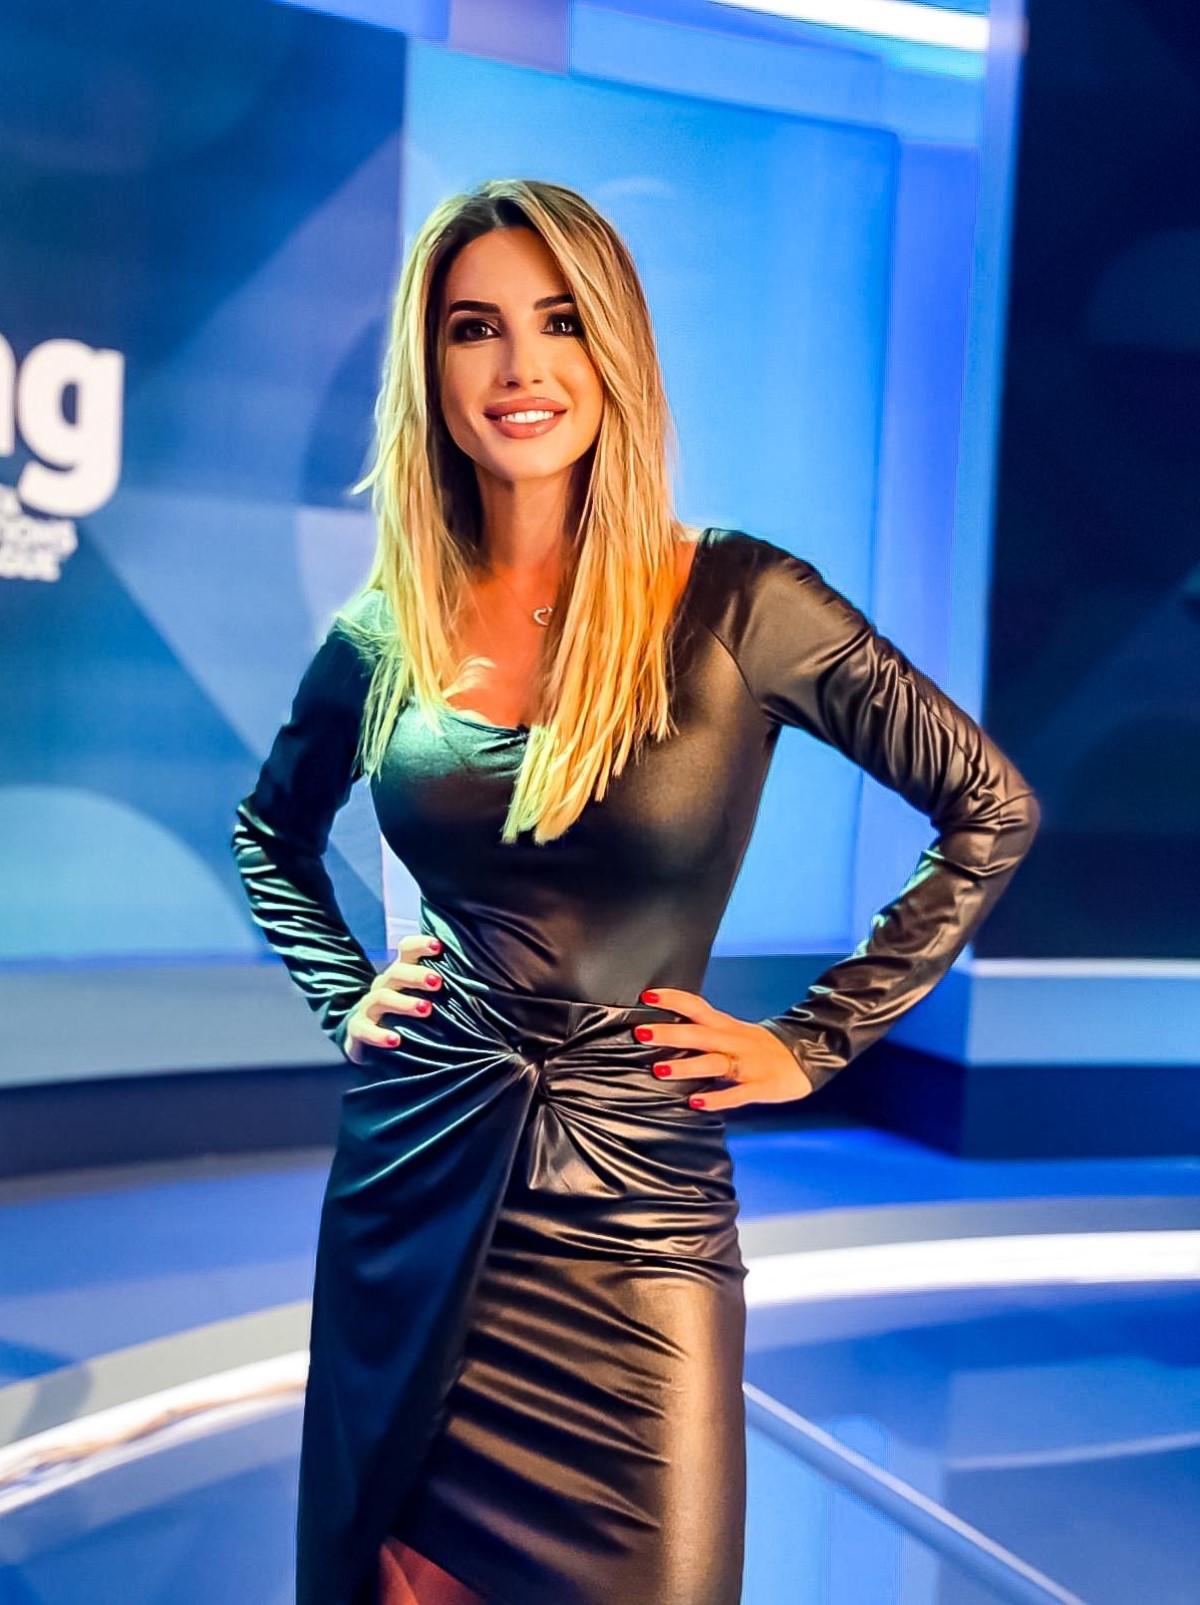 Giorgia Rossi di Dazn, chi è 'l'anti Diletta Leotta': età, altezza, peso, fidanzato giornalista, ex famoso